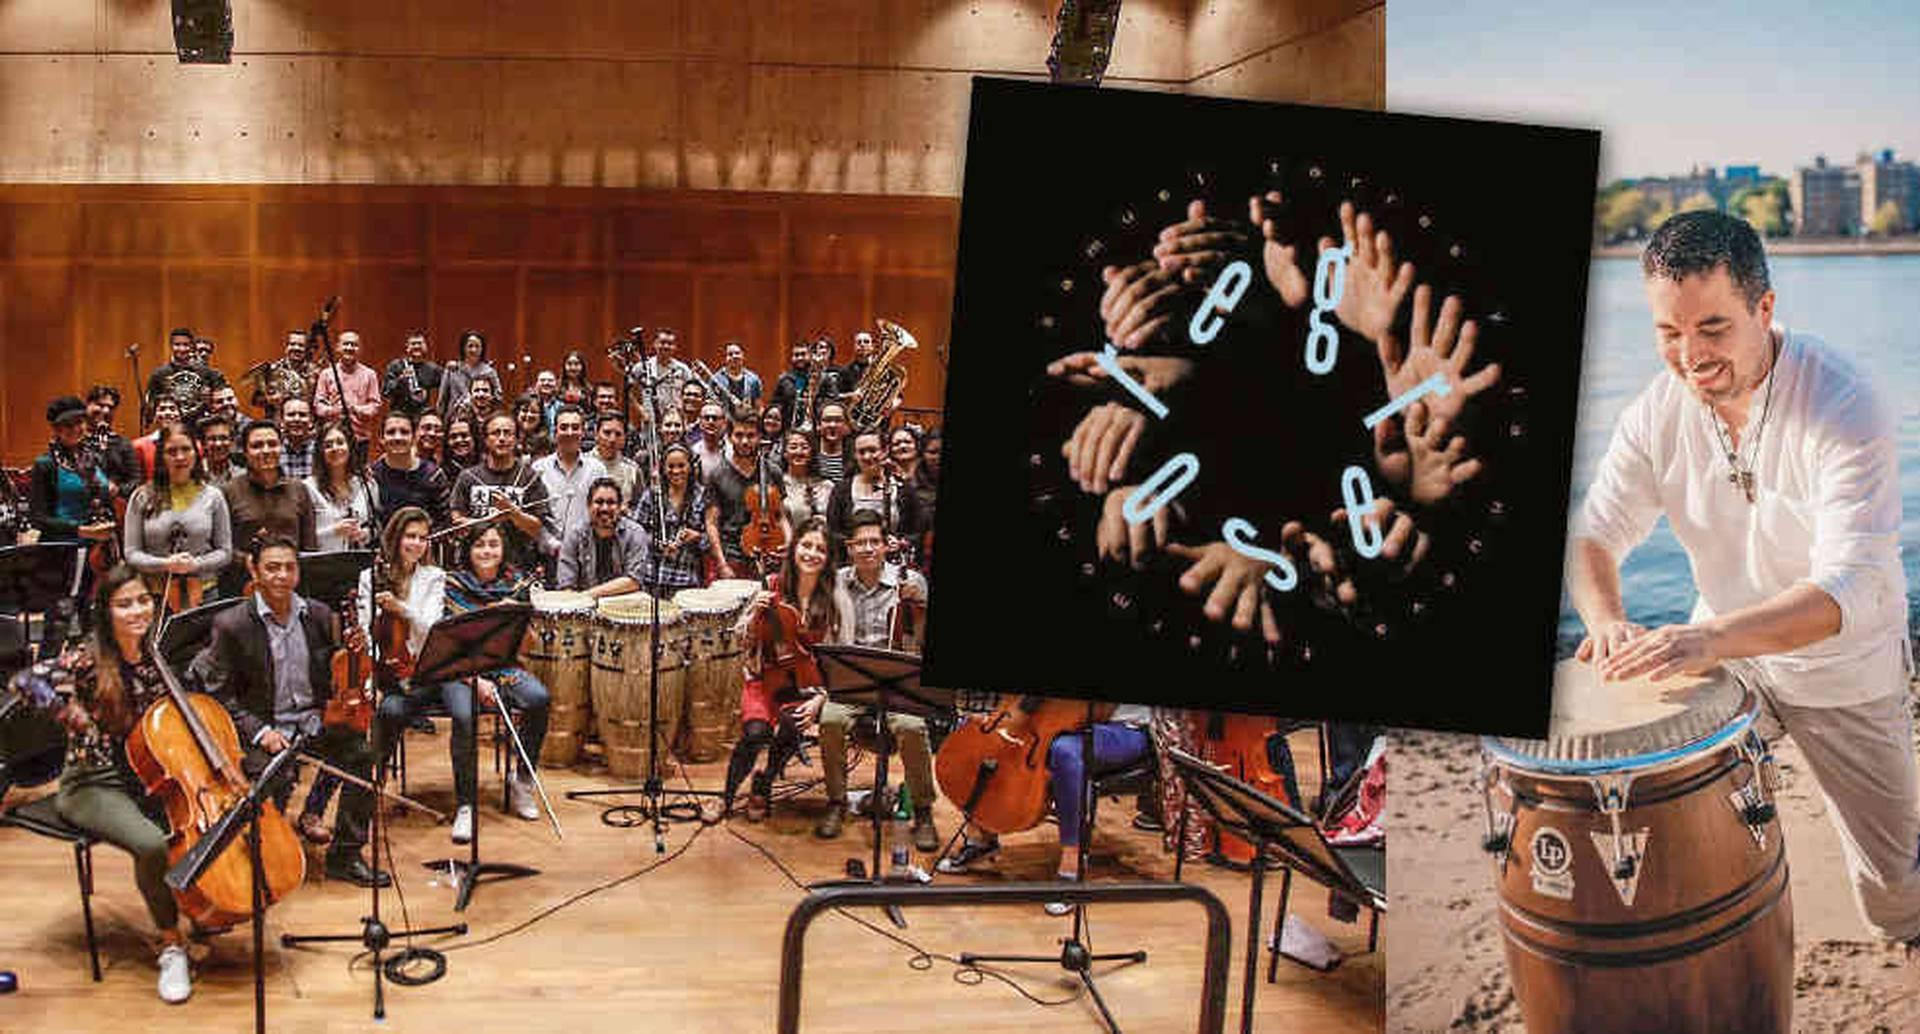 La orquesta Nueva Filarmonía, dirigida por Ricardo Jaramillo, respalda a Samuel Torres en sus composiciones para congas y orquesta filarmónica. El resultado es más que original.